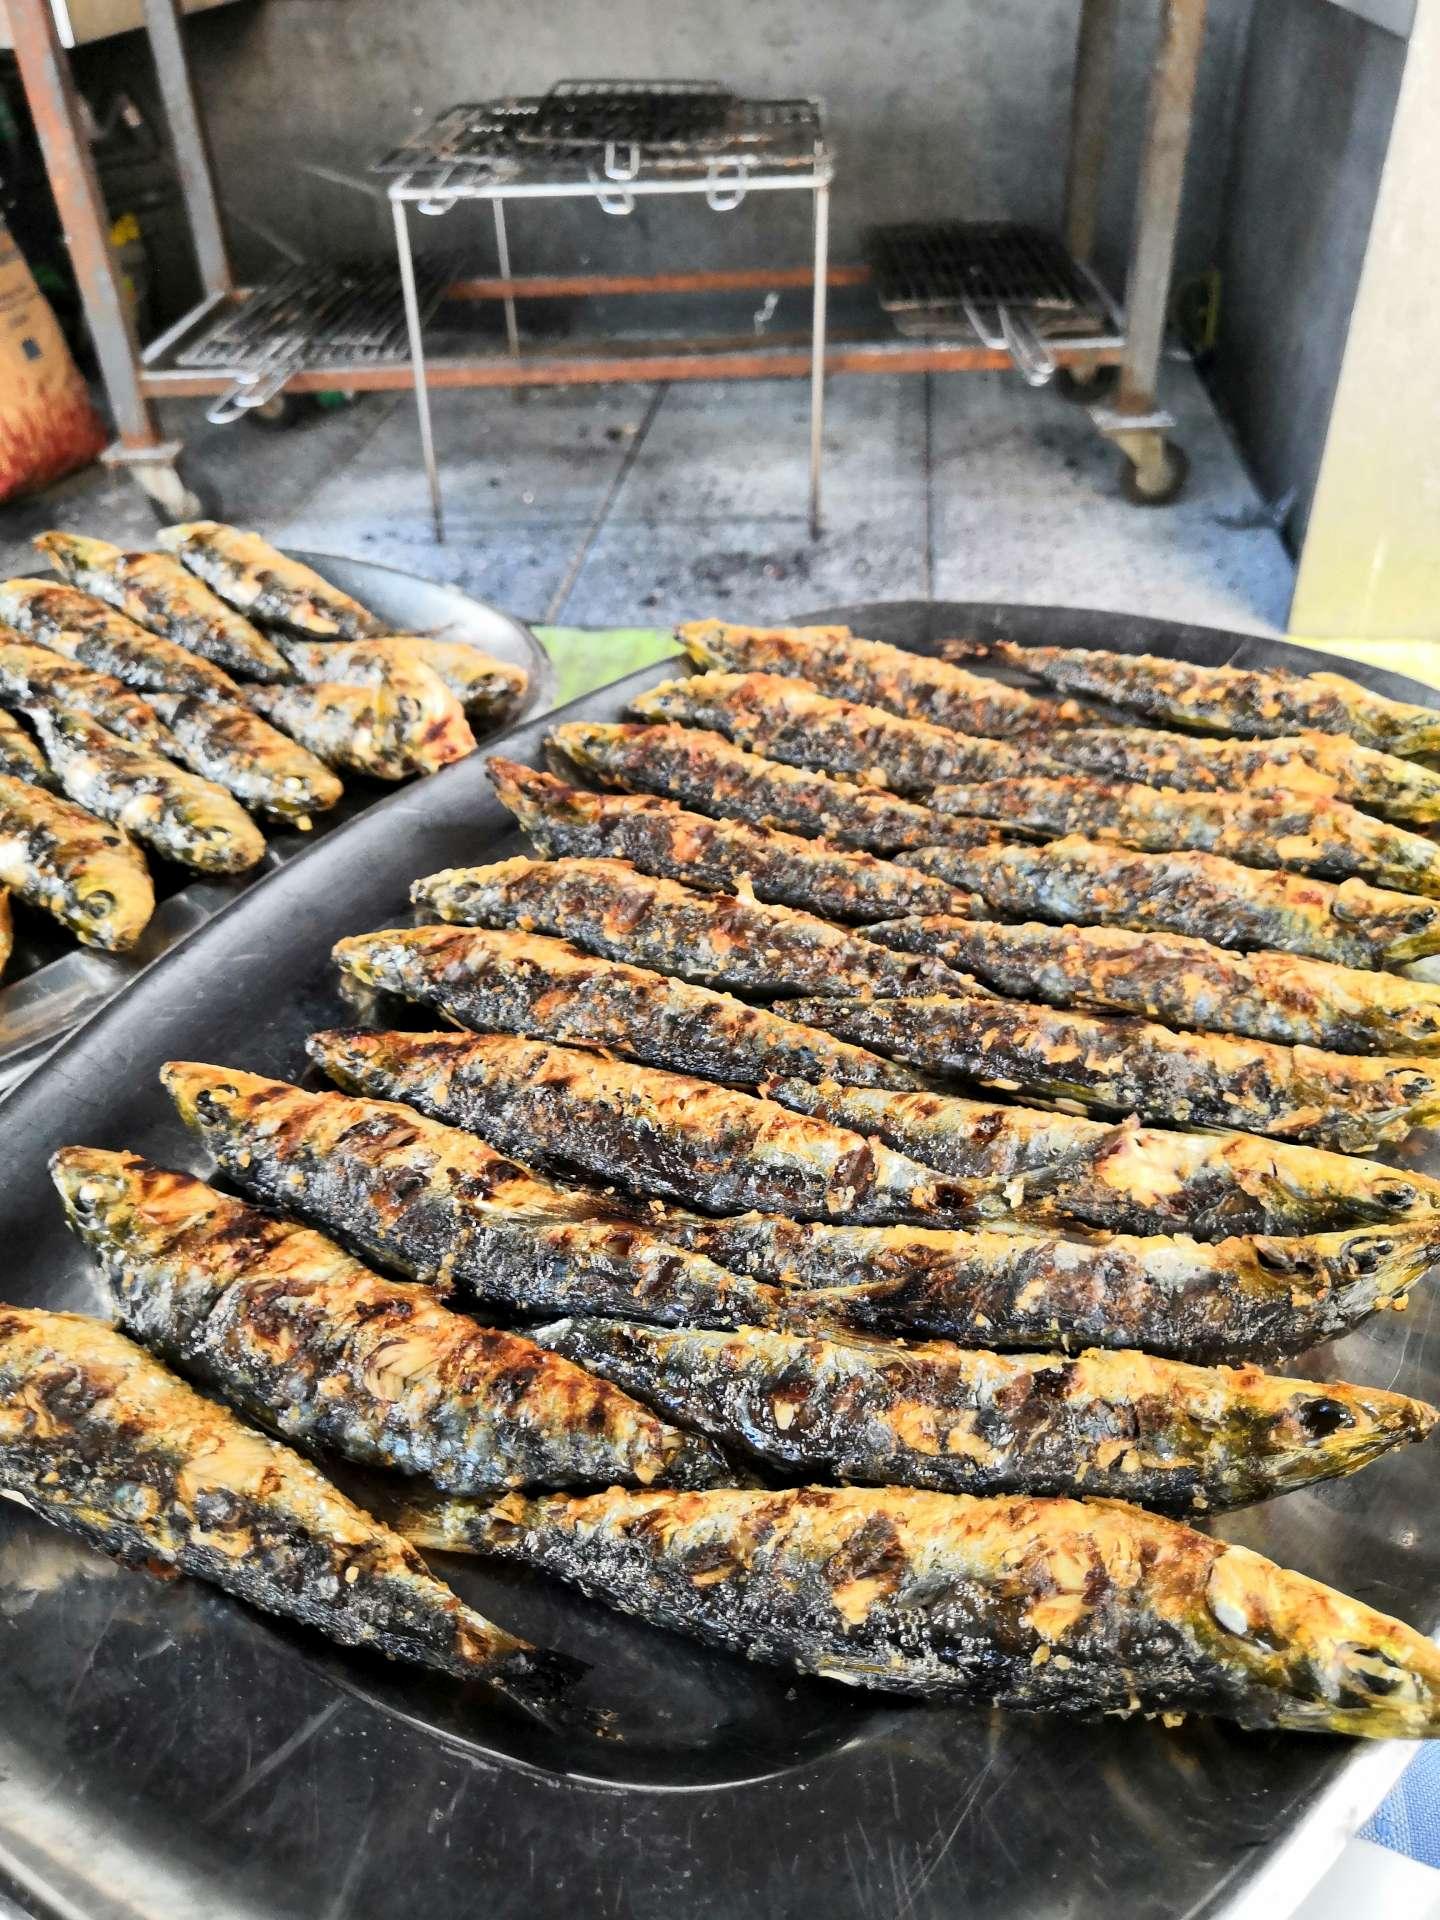 Grilované sardinky základem zdejších menu. No nevypadají báječně? K nim brambory, cibuli, papriku, oliváček a samozřejmě bílé nebo růžové víno. Jednoduché, ale fantasticky chutné.